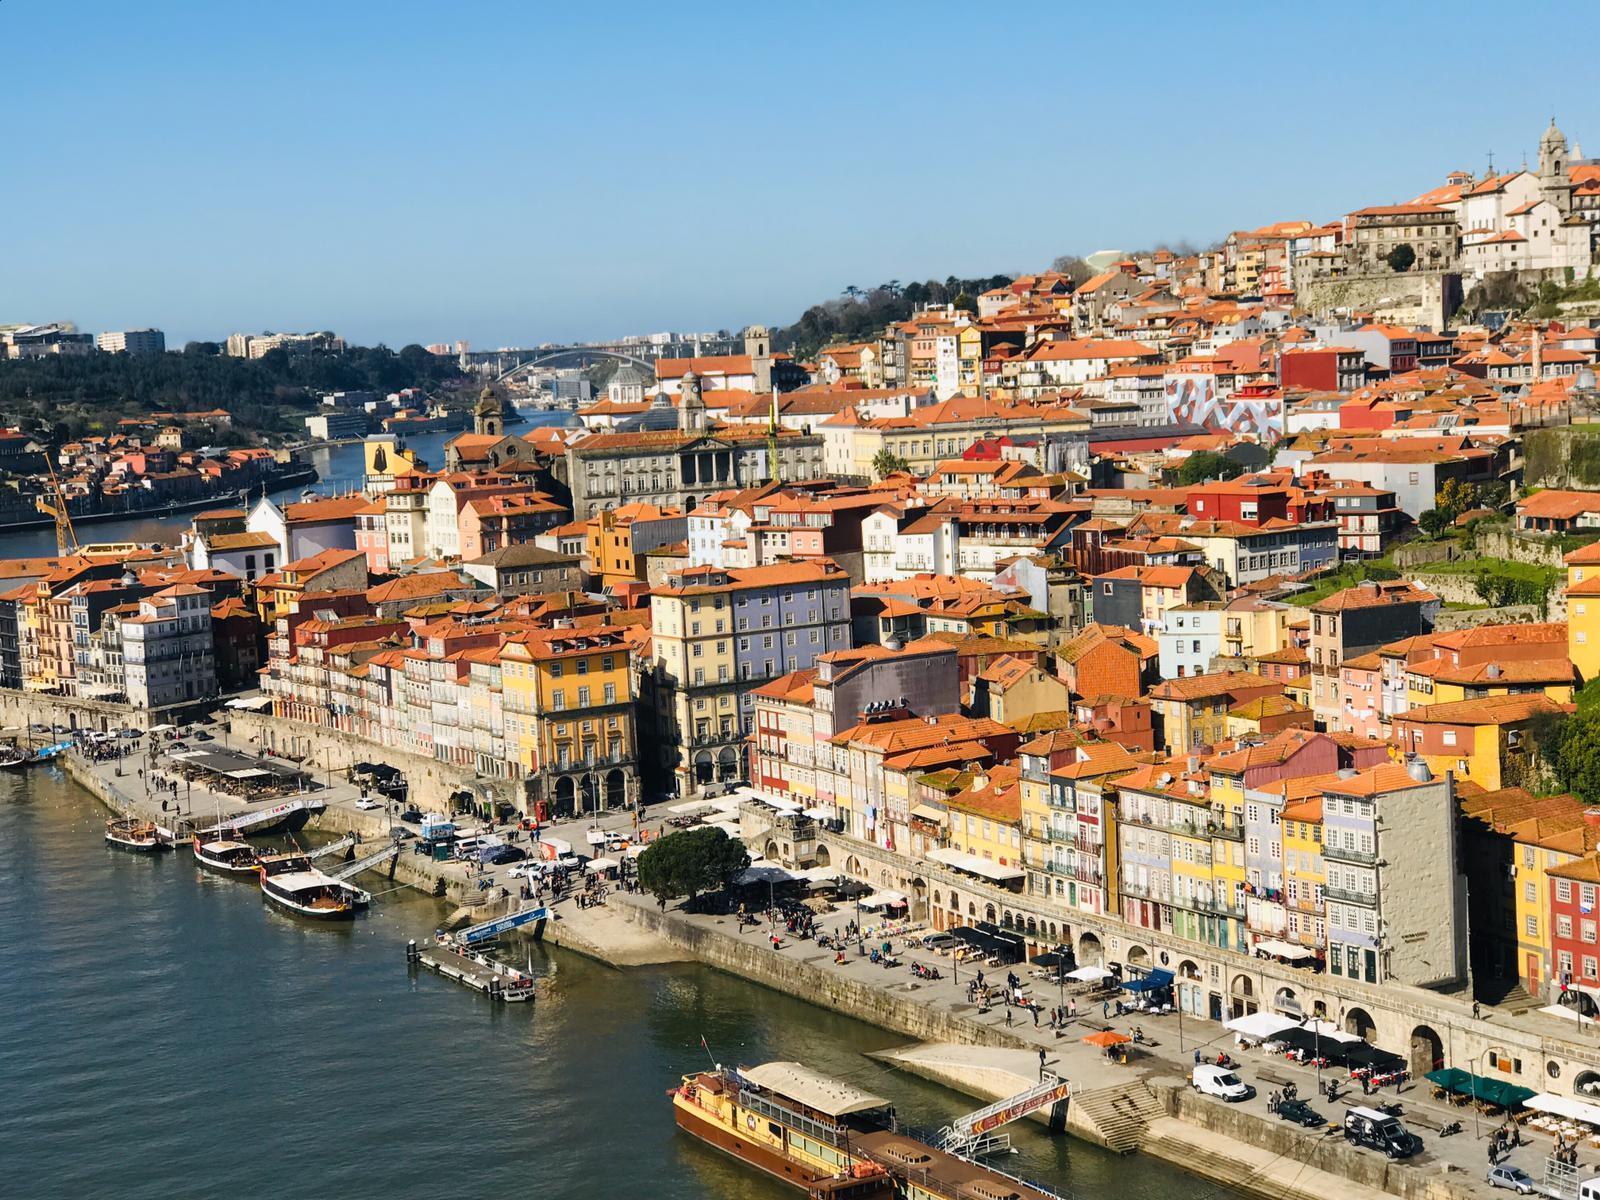 THY, Portekiz'de dünya devlerin geride bıraktı; 300 bin yolcu ile rekora uçacak